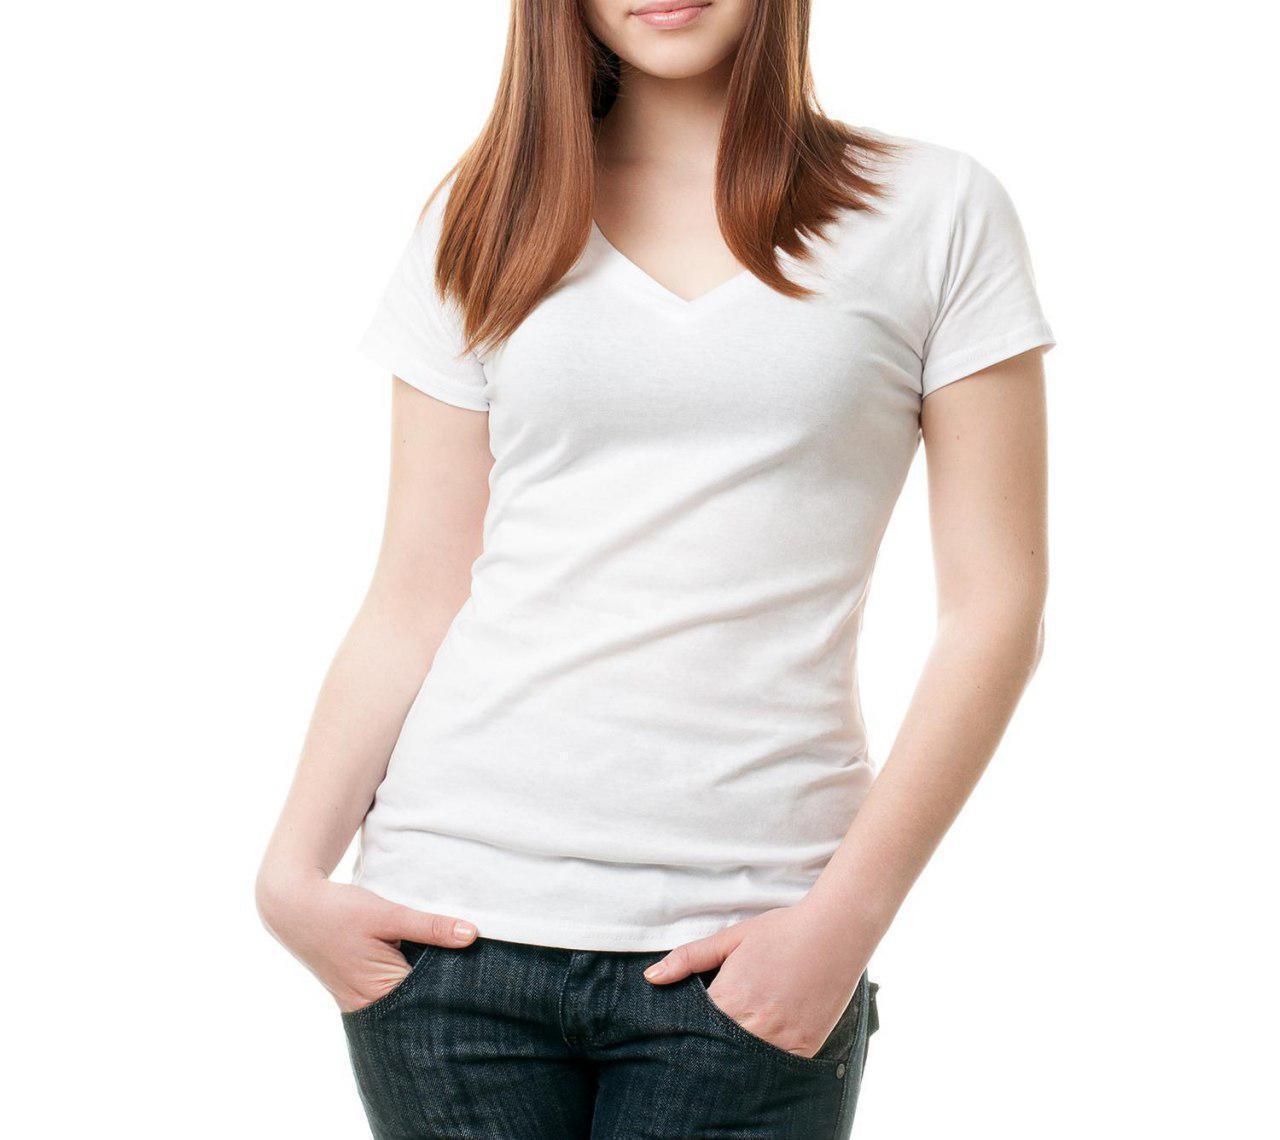 Жіноча футболка джерсі V-виріз розмір XL